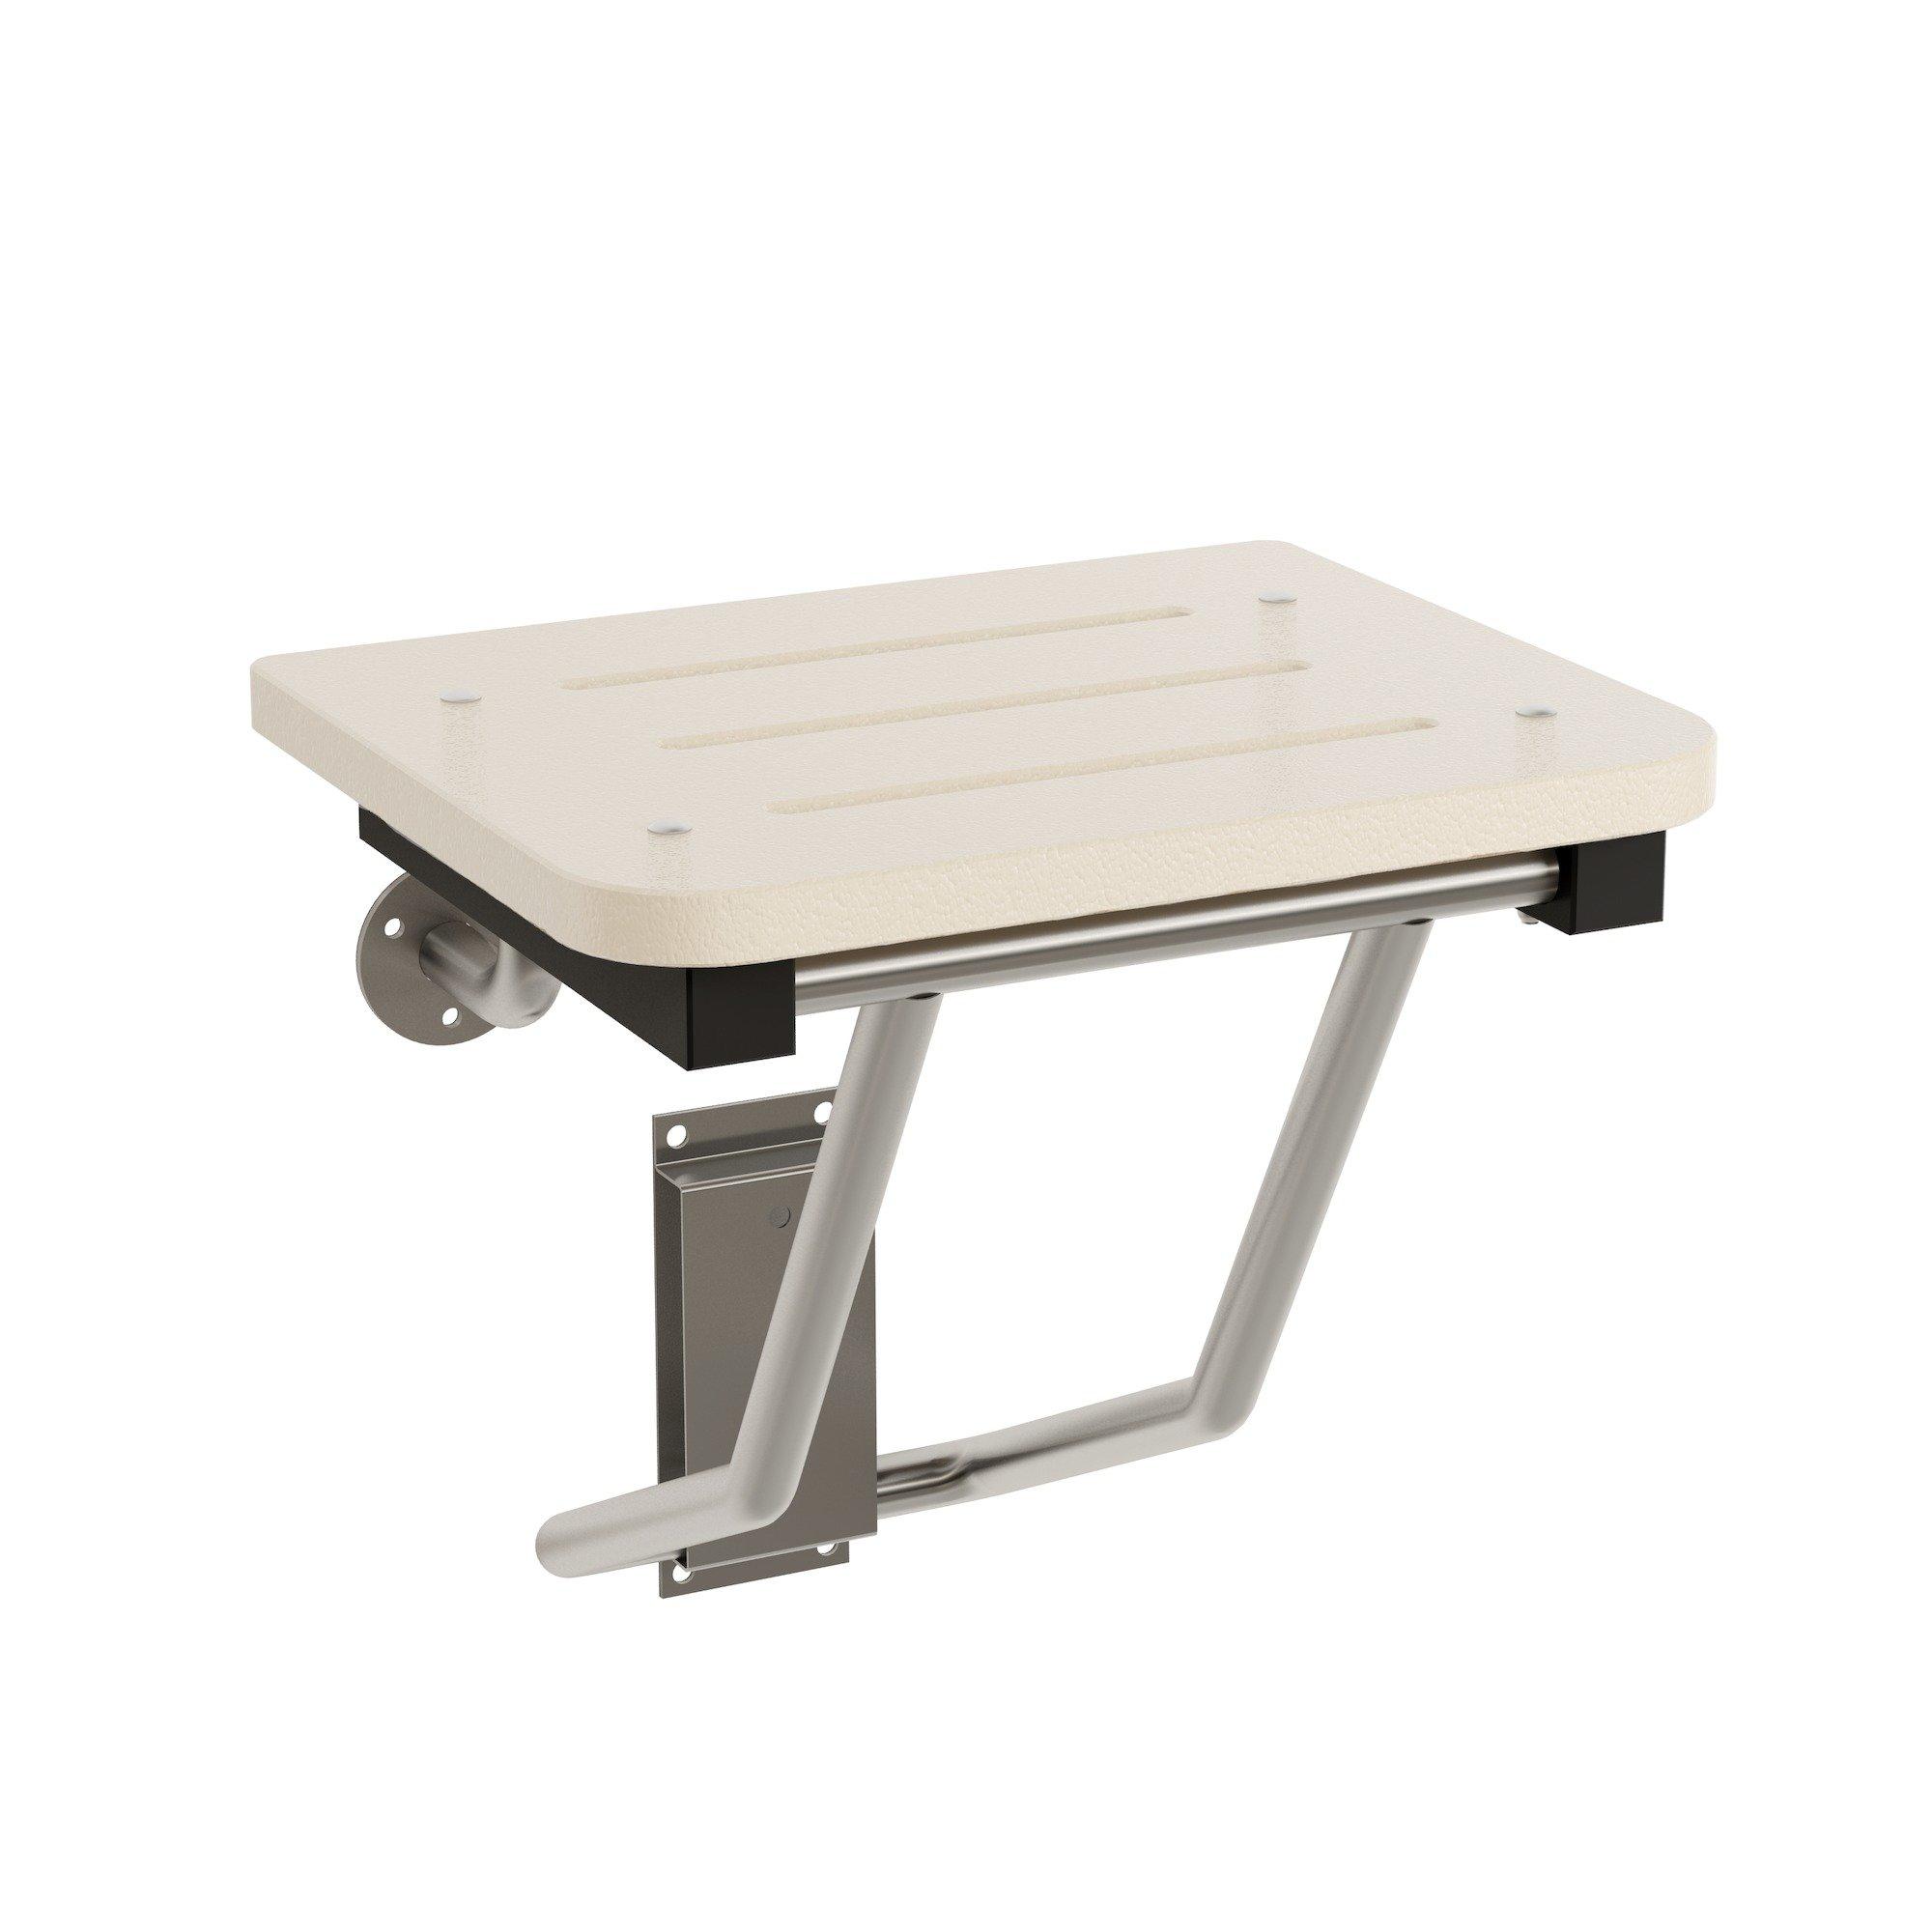 Shower Bench Seat 9592-000000 | Accurate Door & Hardware, Inc